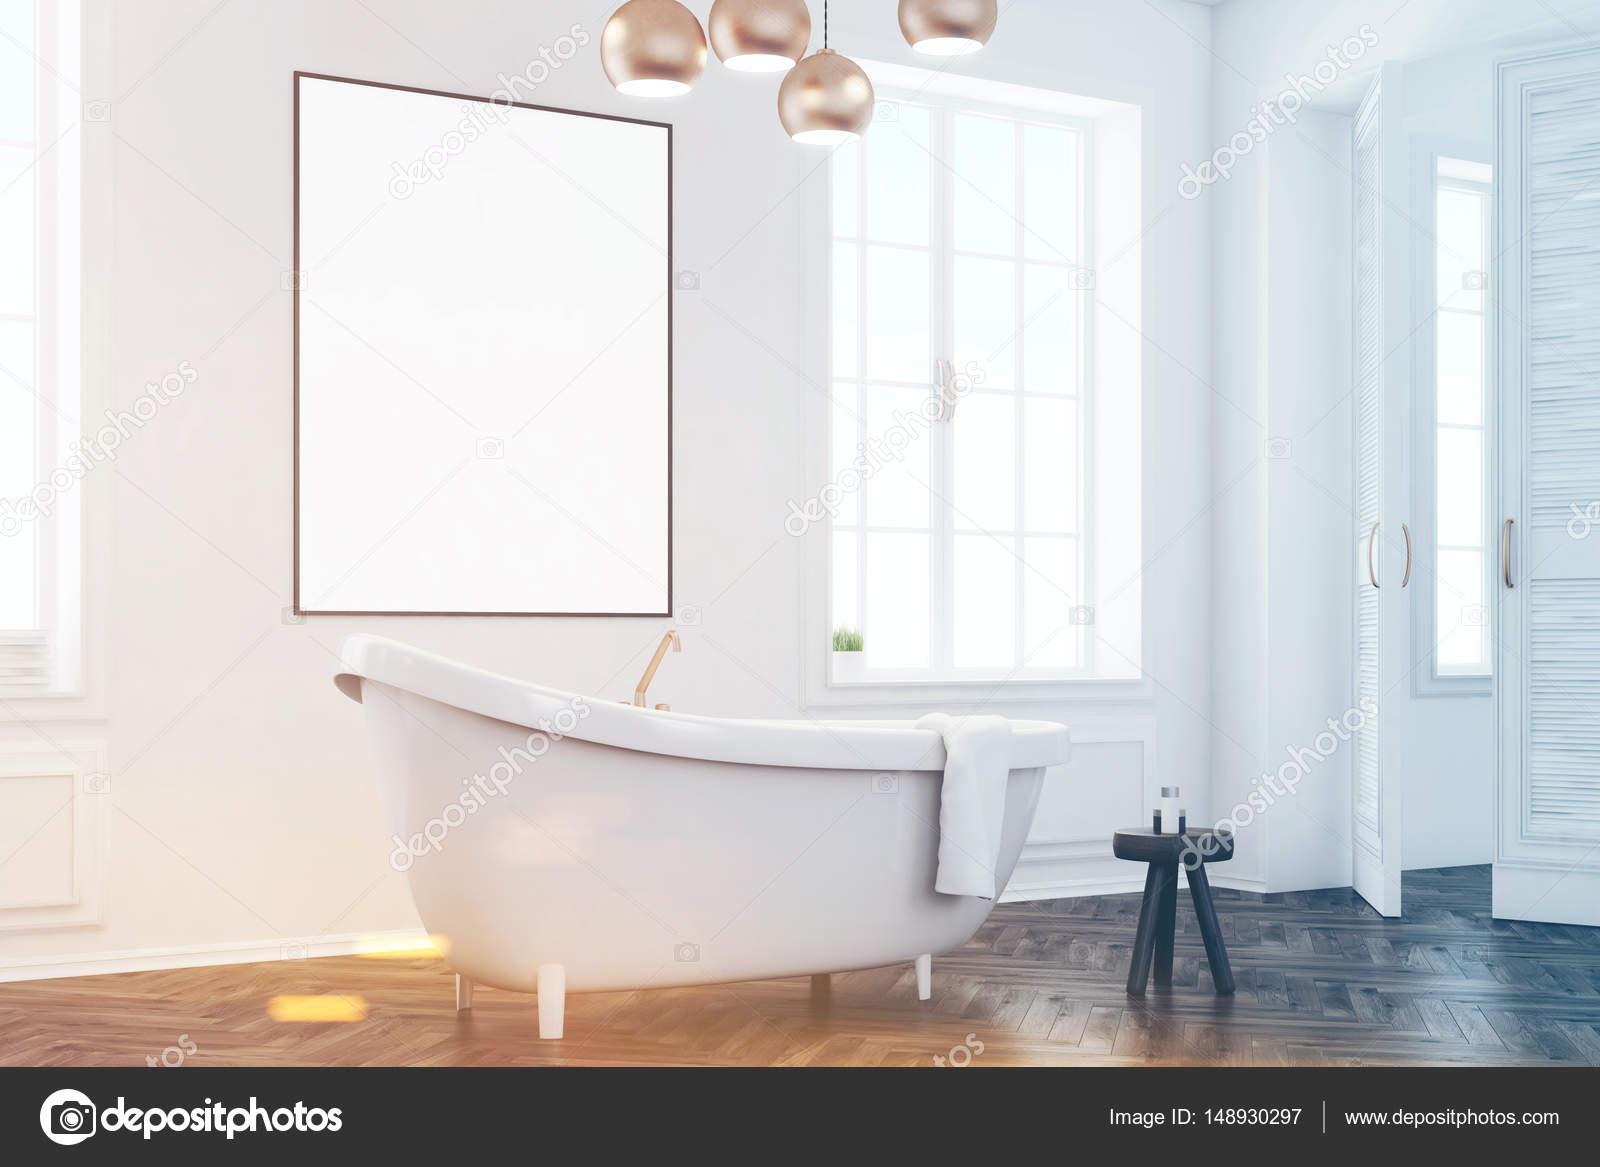 Graue Badezimmer Interieur mit Poster, Seite, getönt — Stockfoto ...